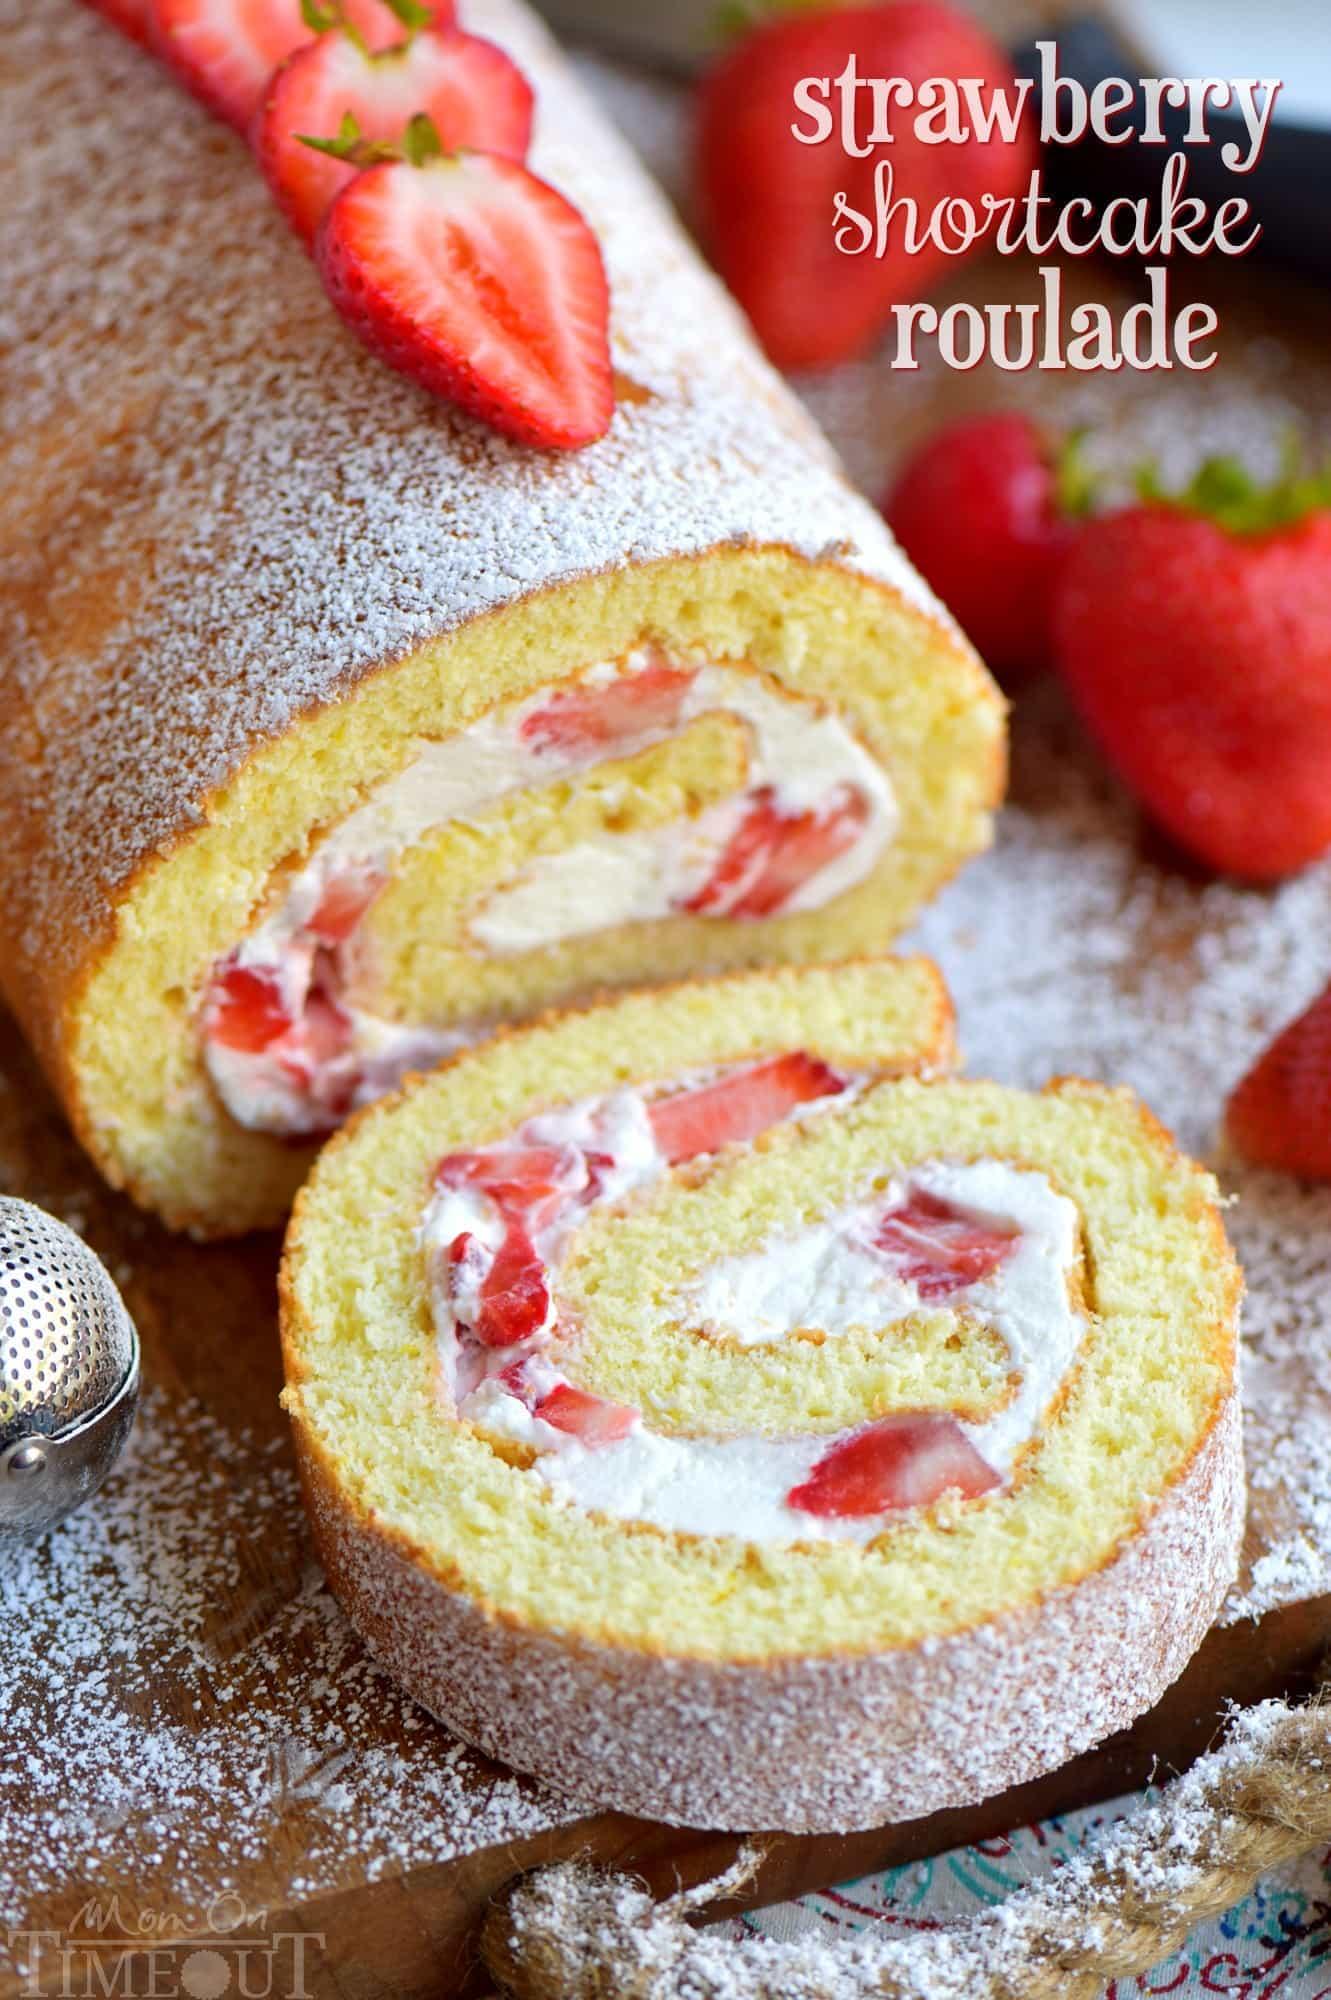 Strawberry Shortcake Roulade